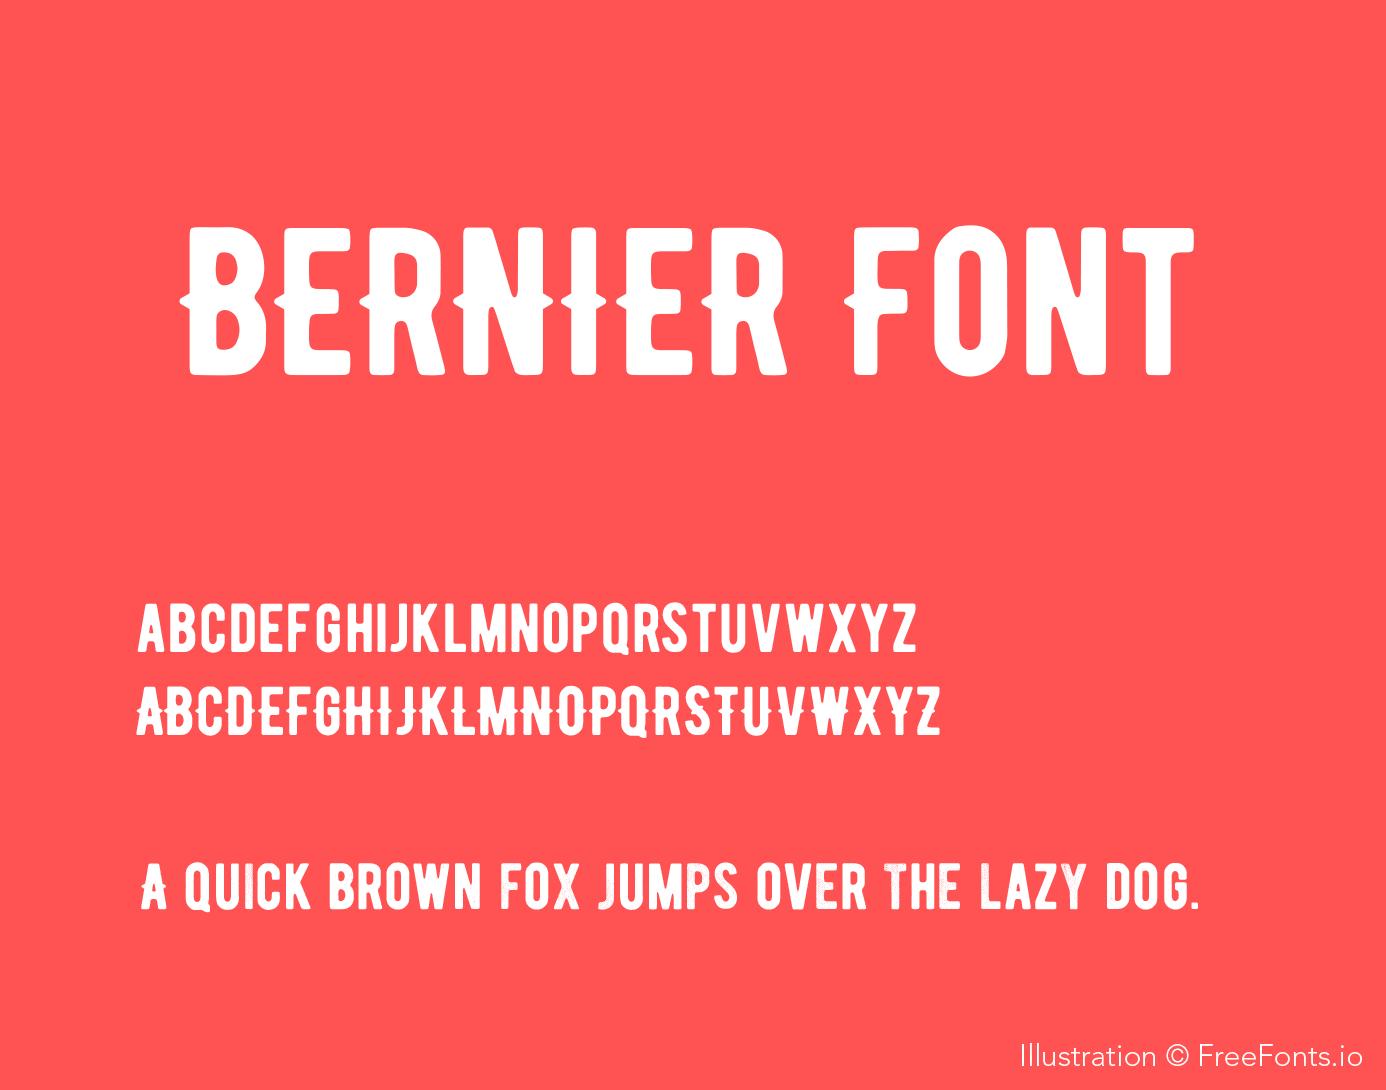 bernier-font_poster